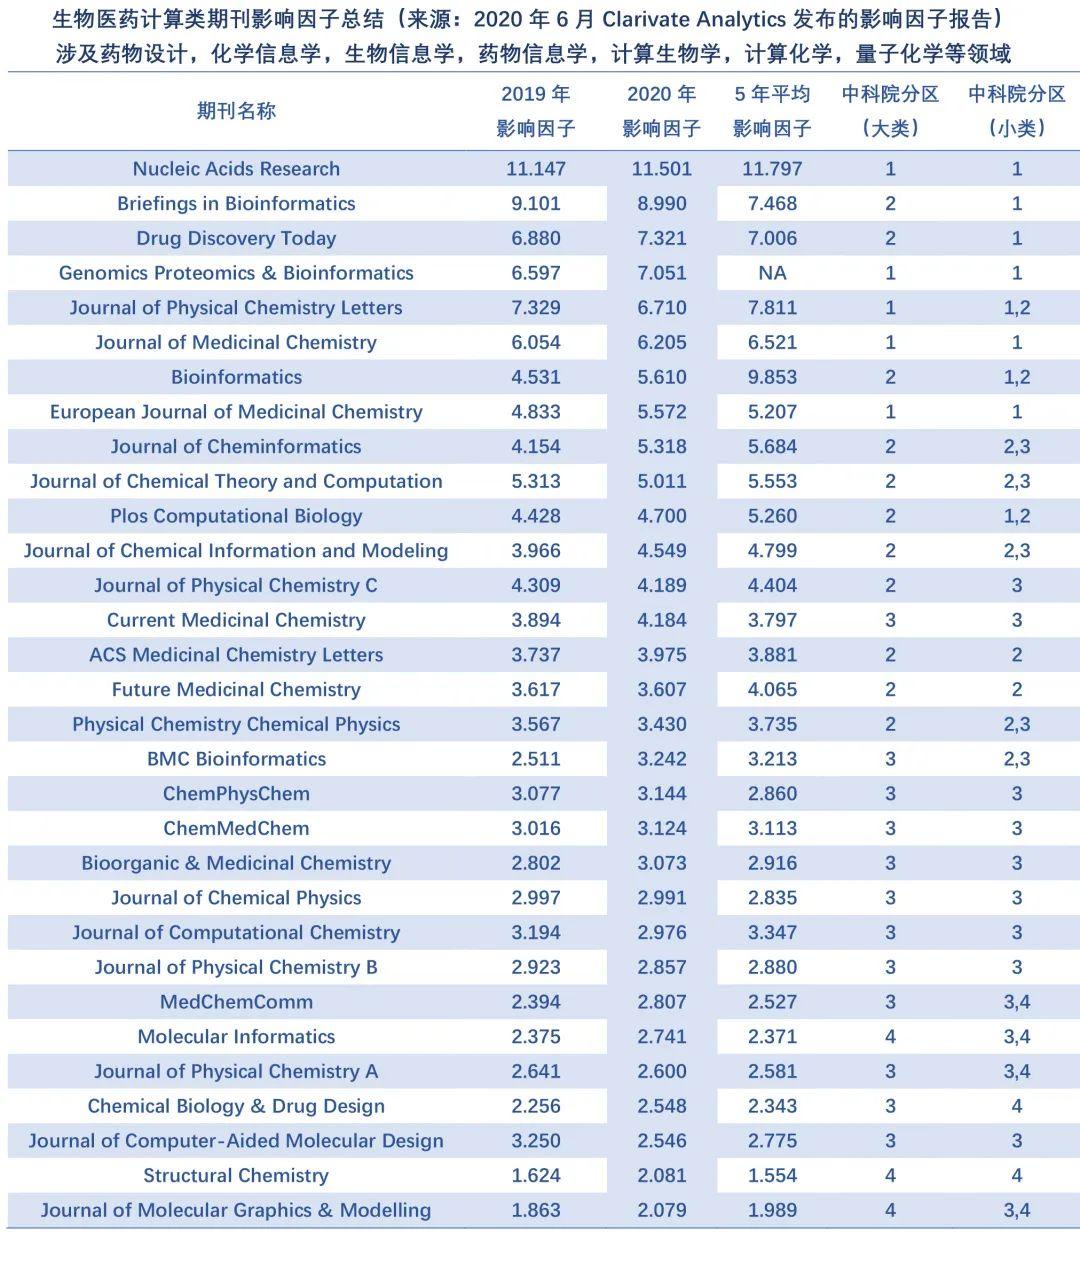 计算类期刊2020年影响因子一览